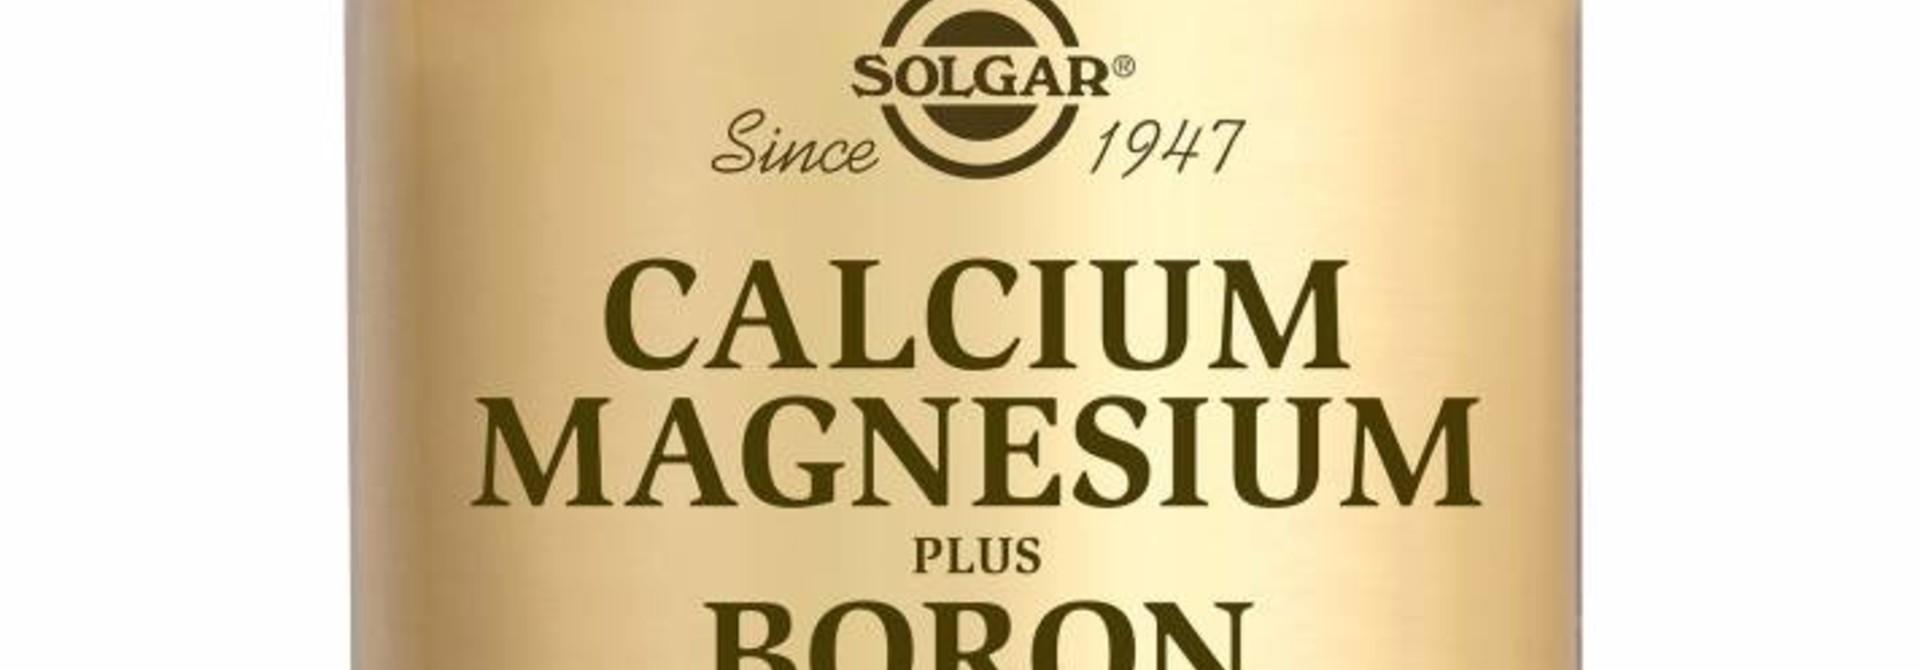 Calcium Magnesium plus Boron 100 tabletten